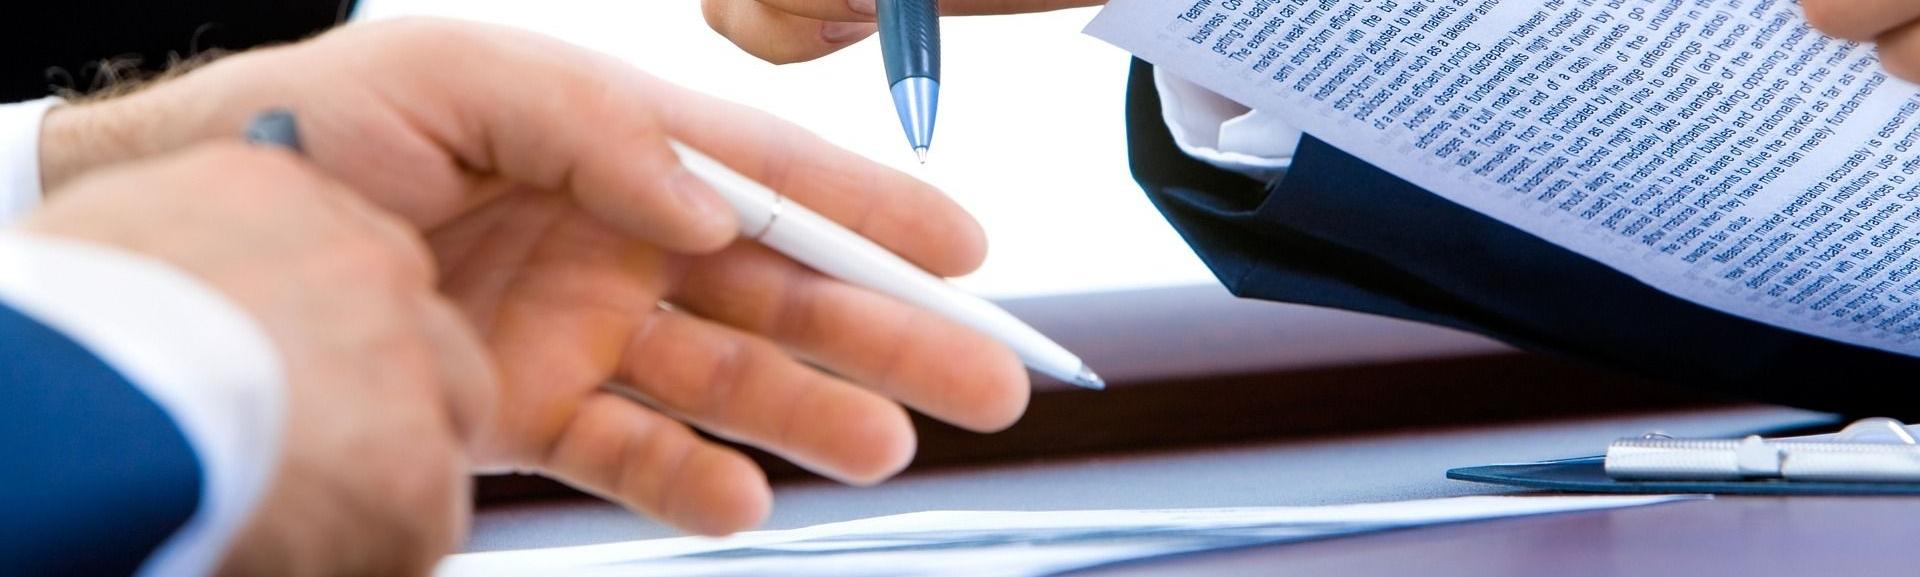 Микрообучението – страхотен метод за насърчаване на неформалното учене на работното място